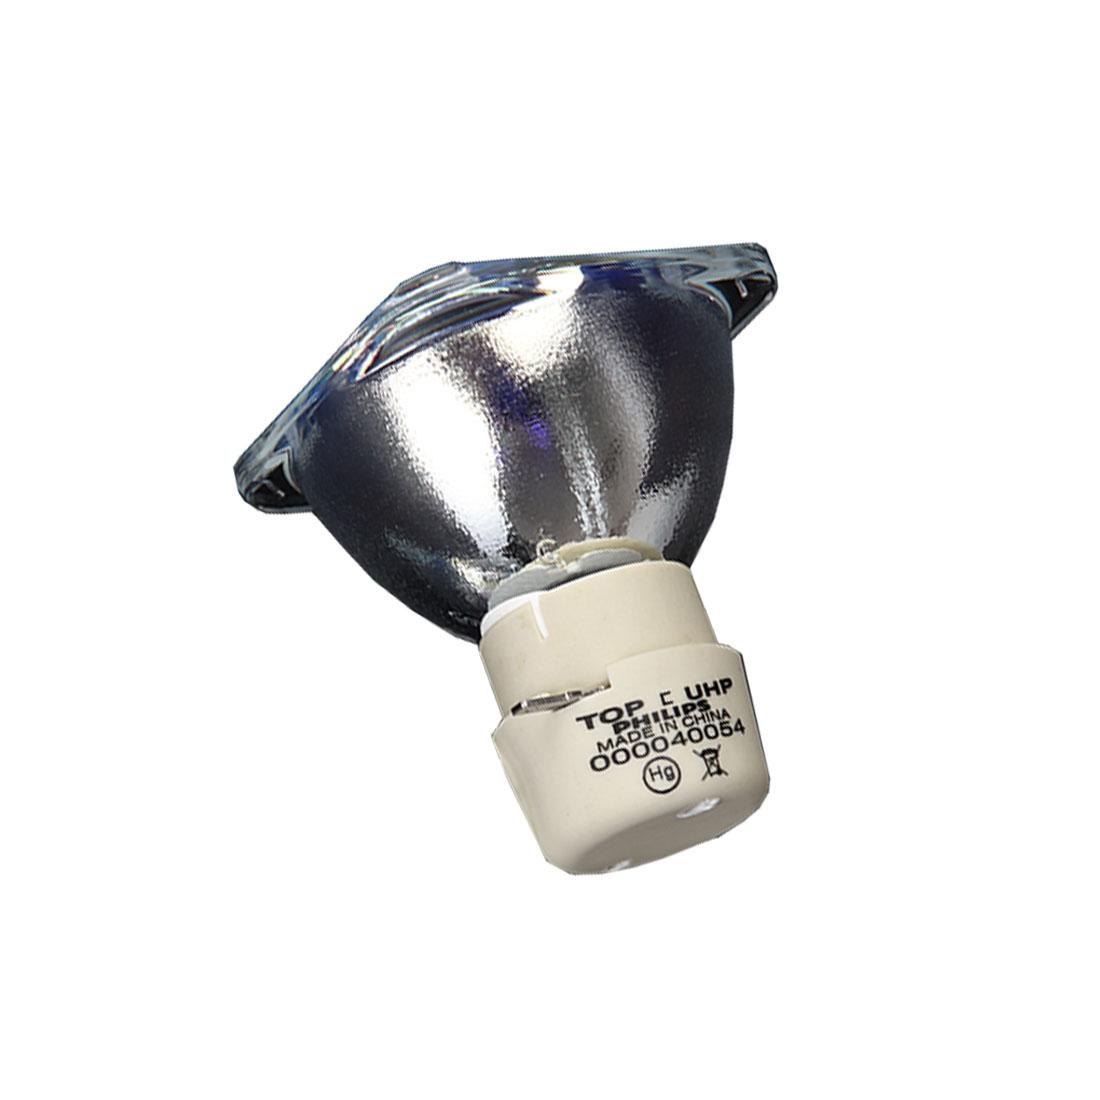 Philips UHP 200W 5R Sharpy Beam Lamp Source